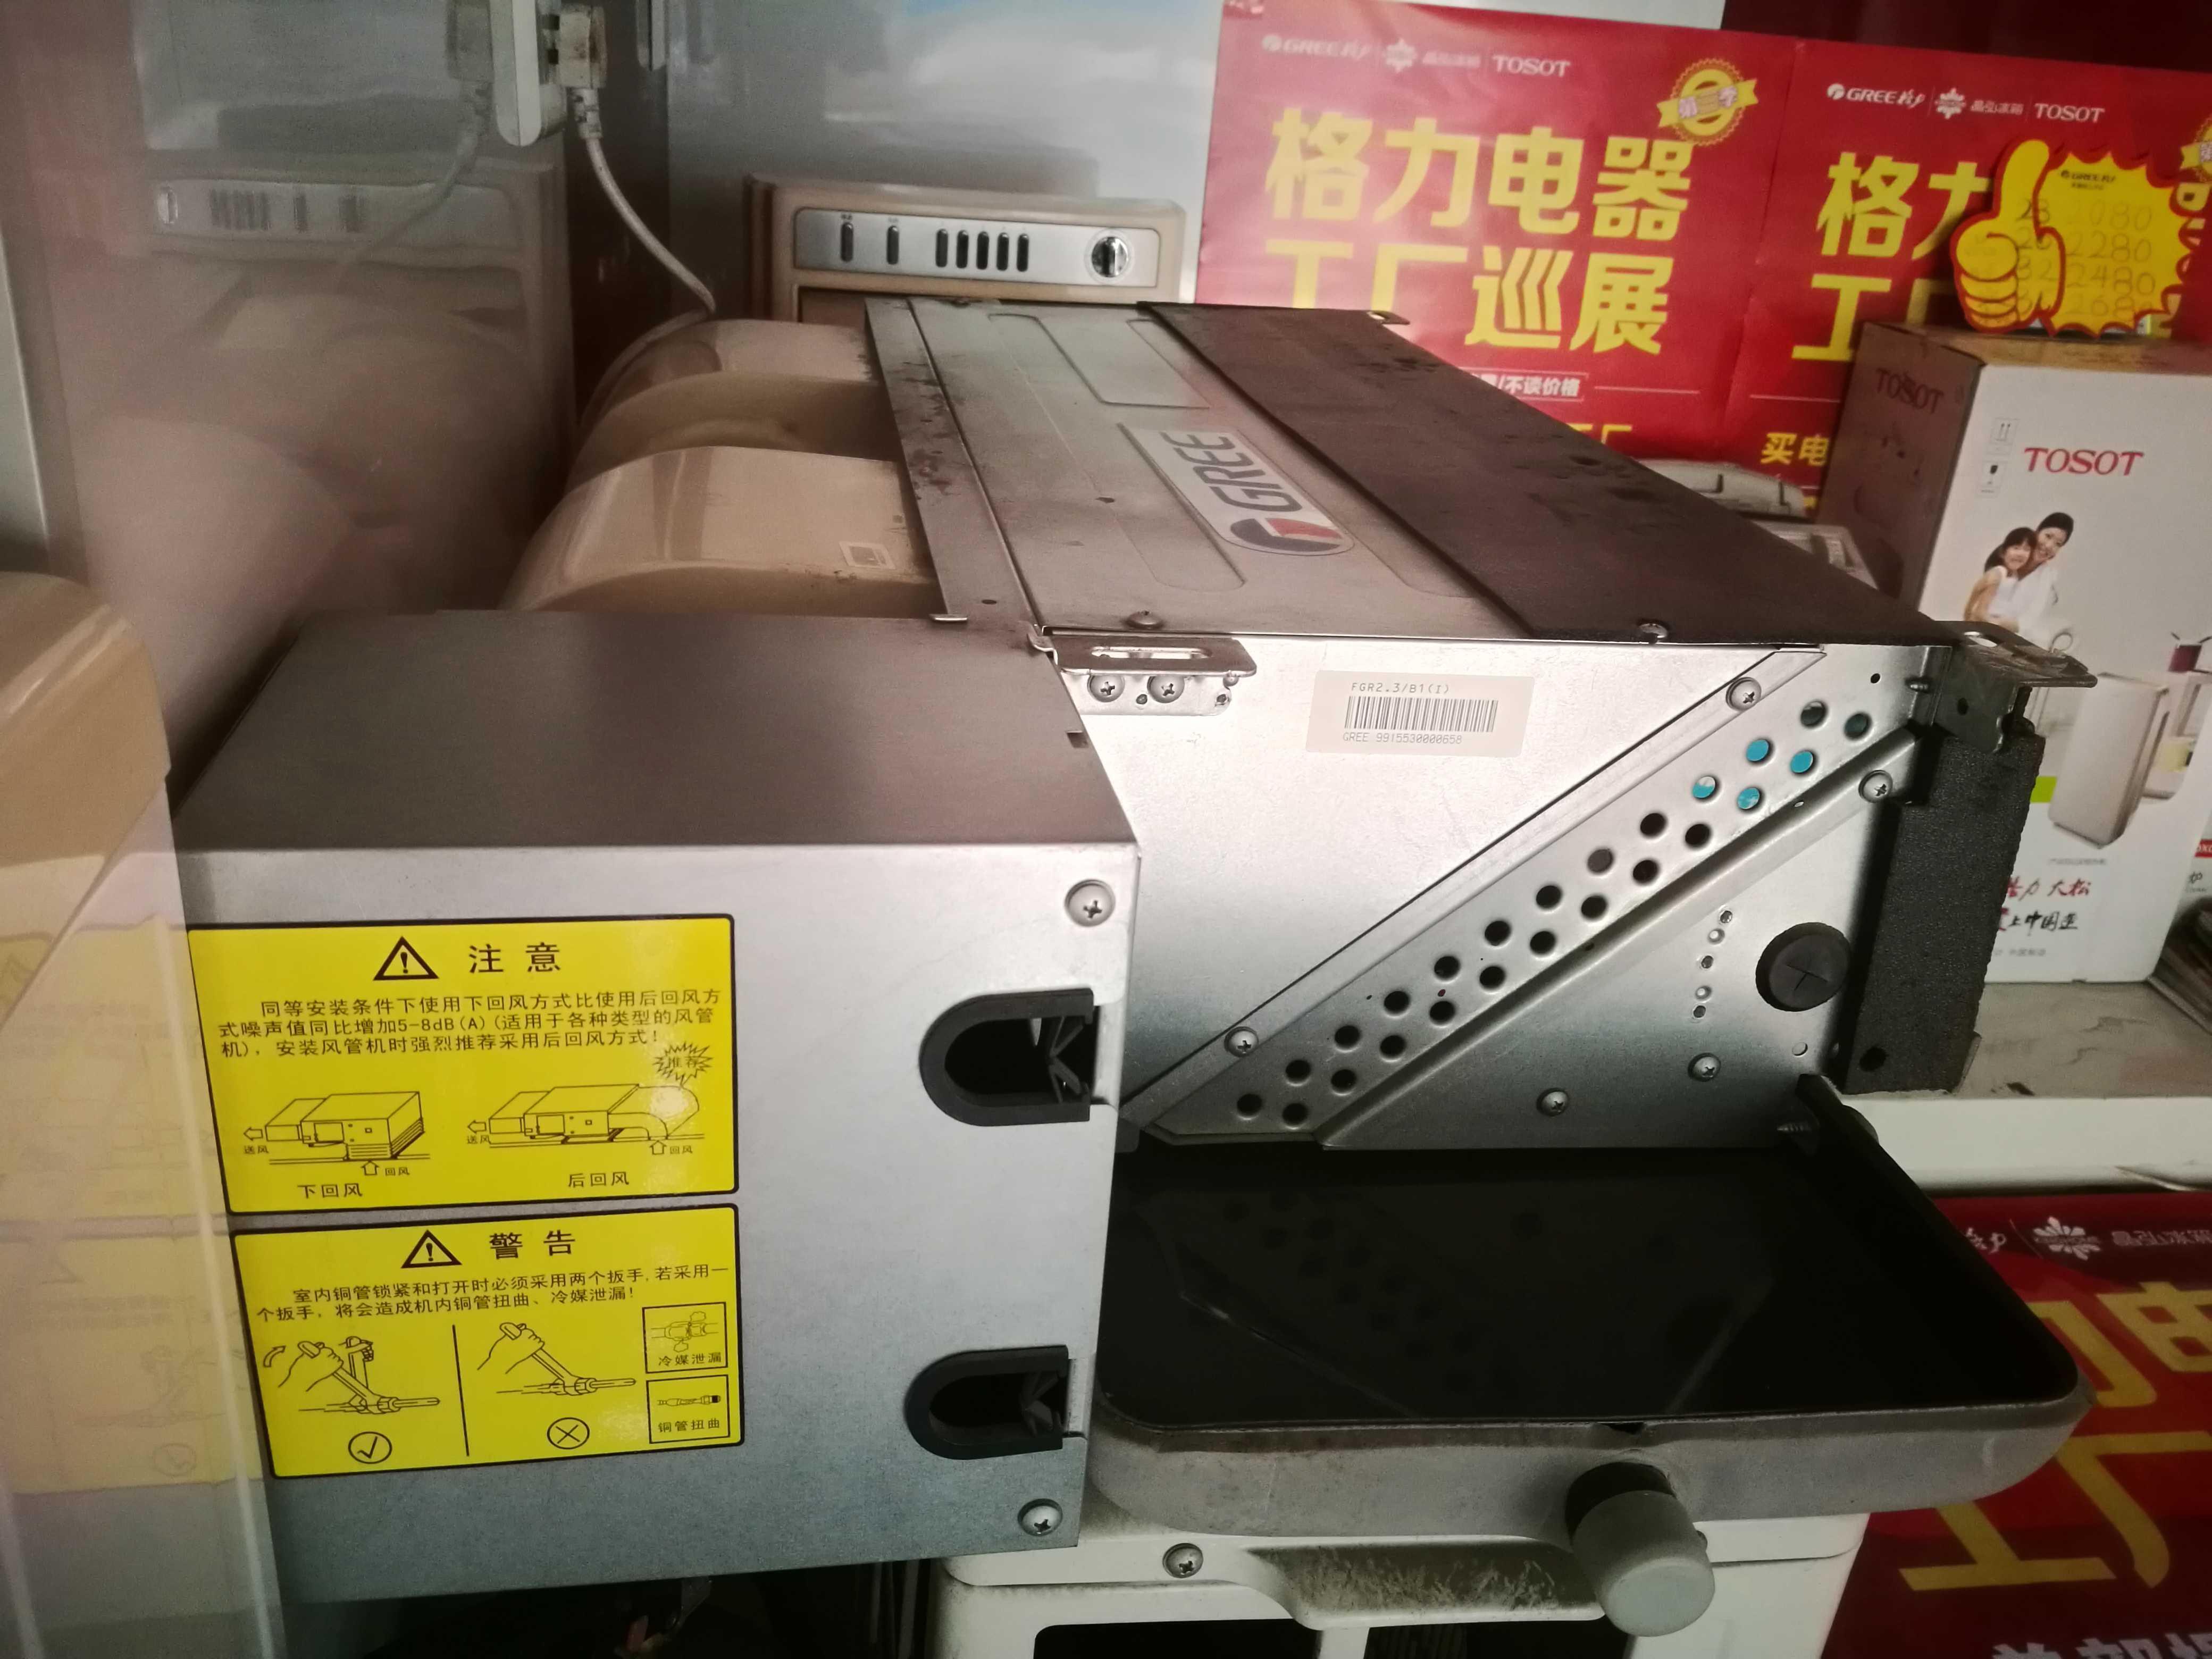 Klimaanlage FGR5/C shijiazhuang shimen 店风 GREE - Maschine